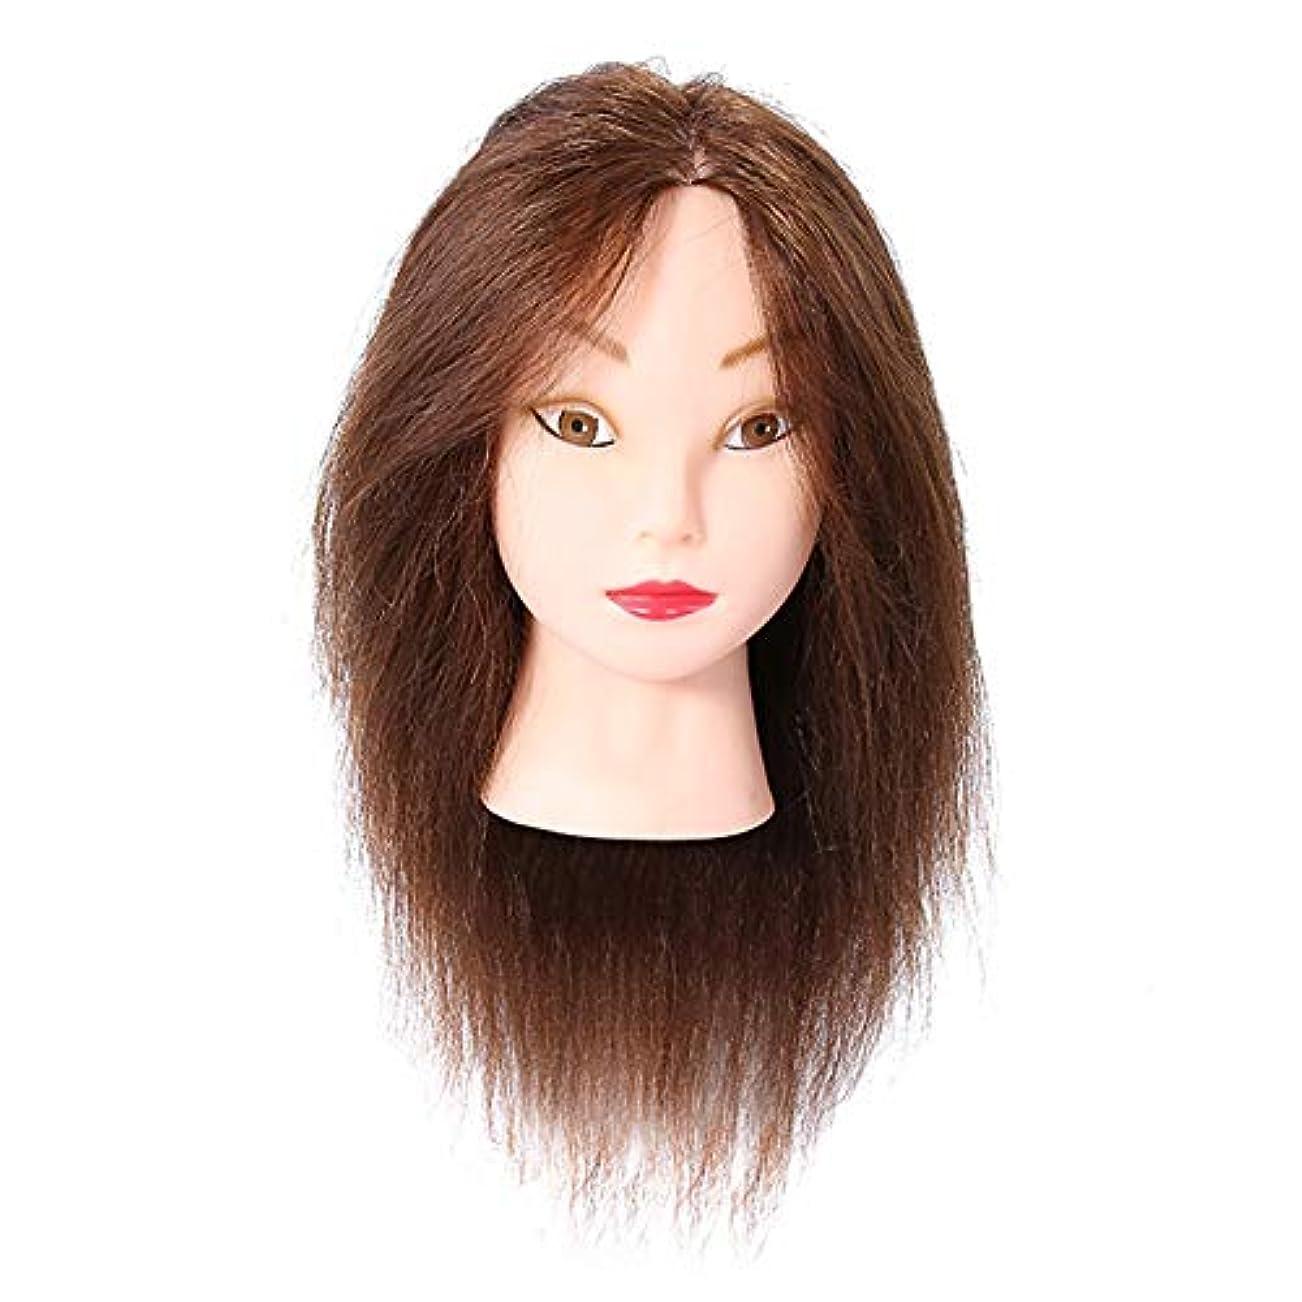 サーキュレーション実施する疑問を超えてヘアトレーニングヘッド、練習用ヘアスタイリングプラクティス ヘアドレッシング かつらマネキン